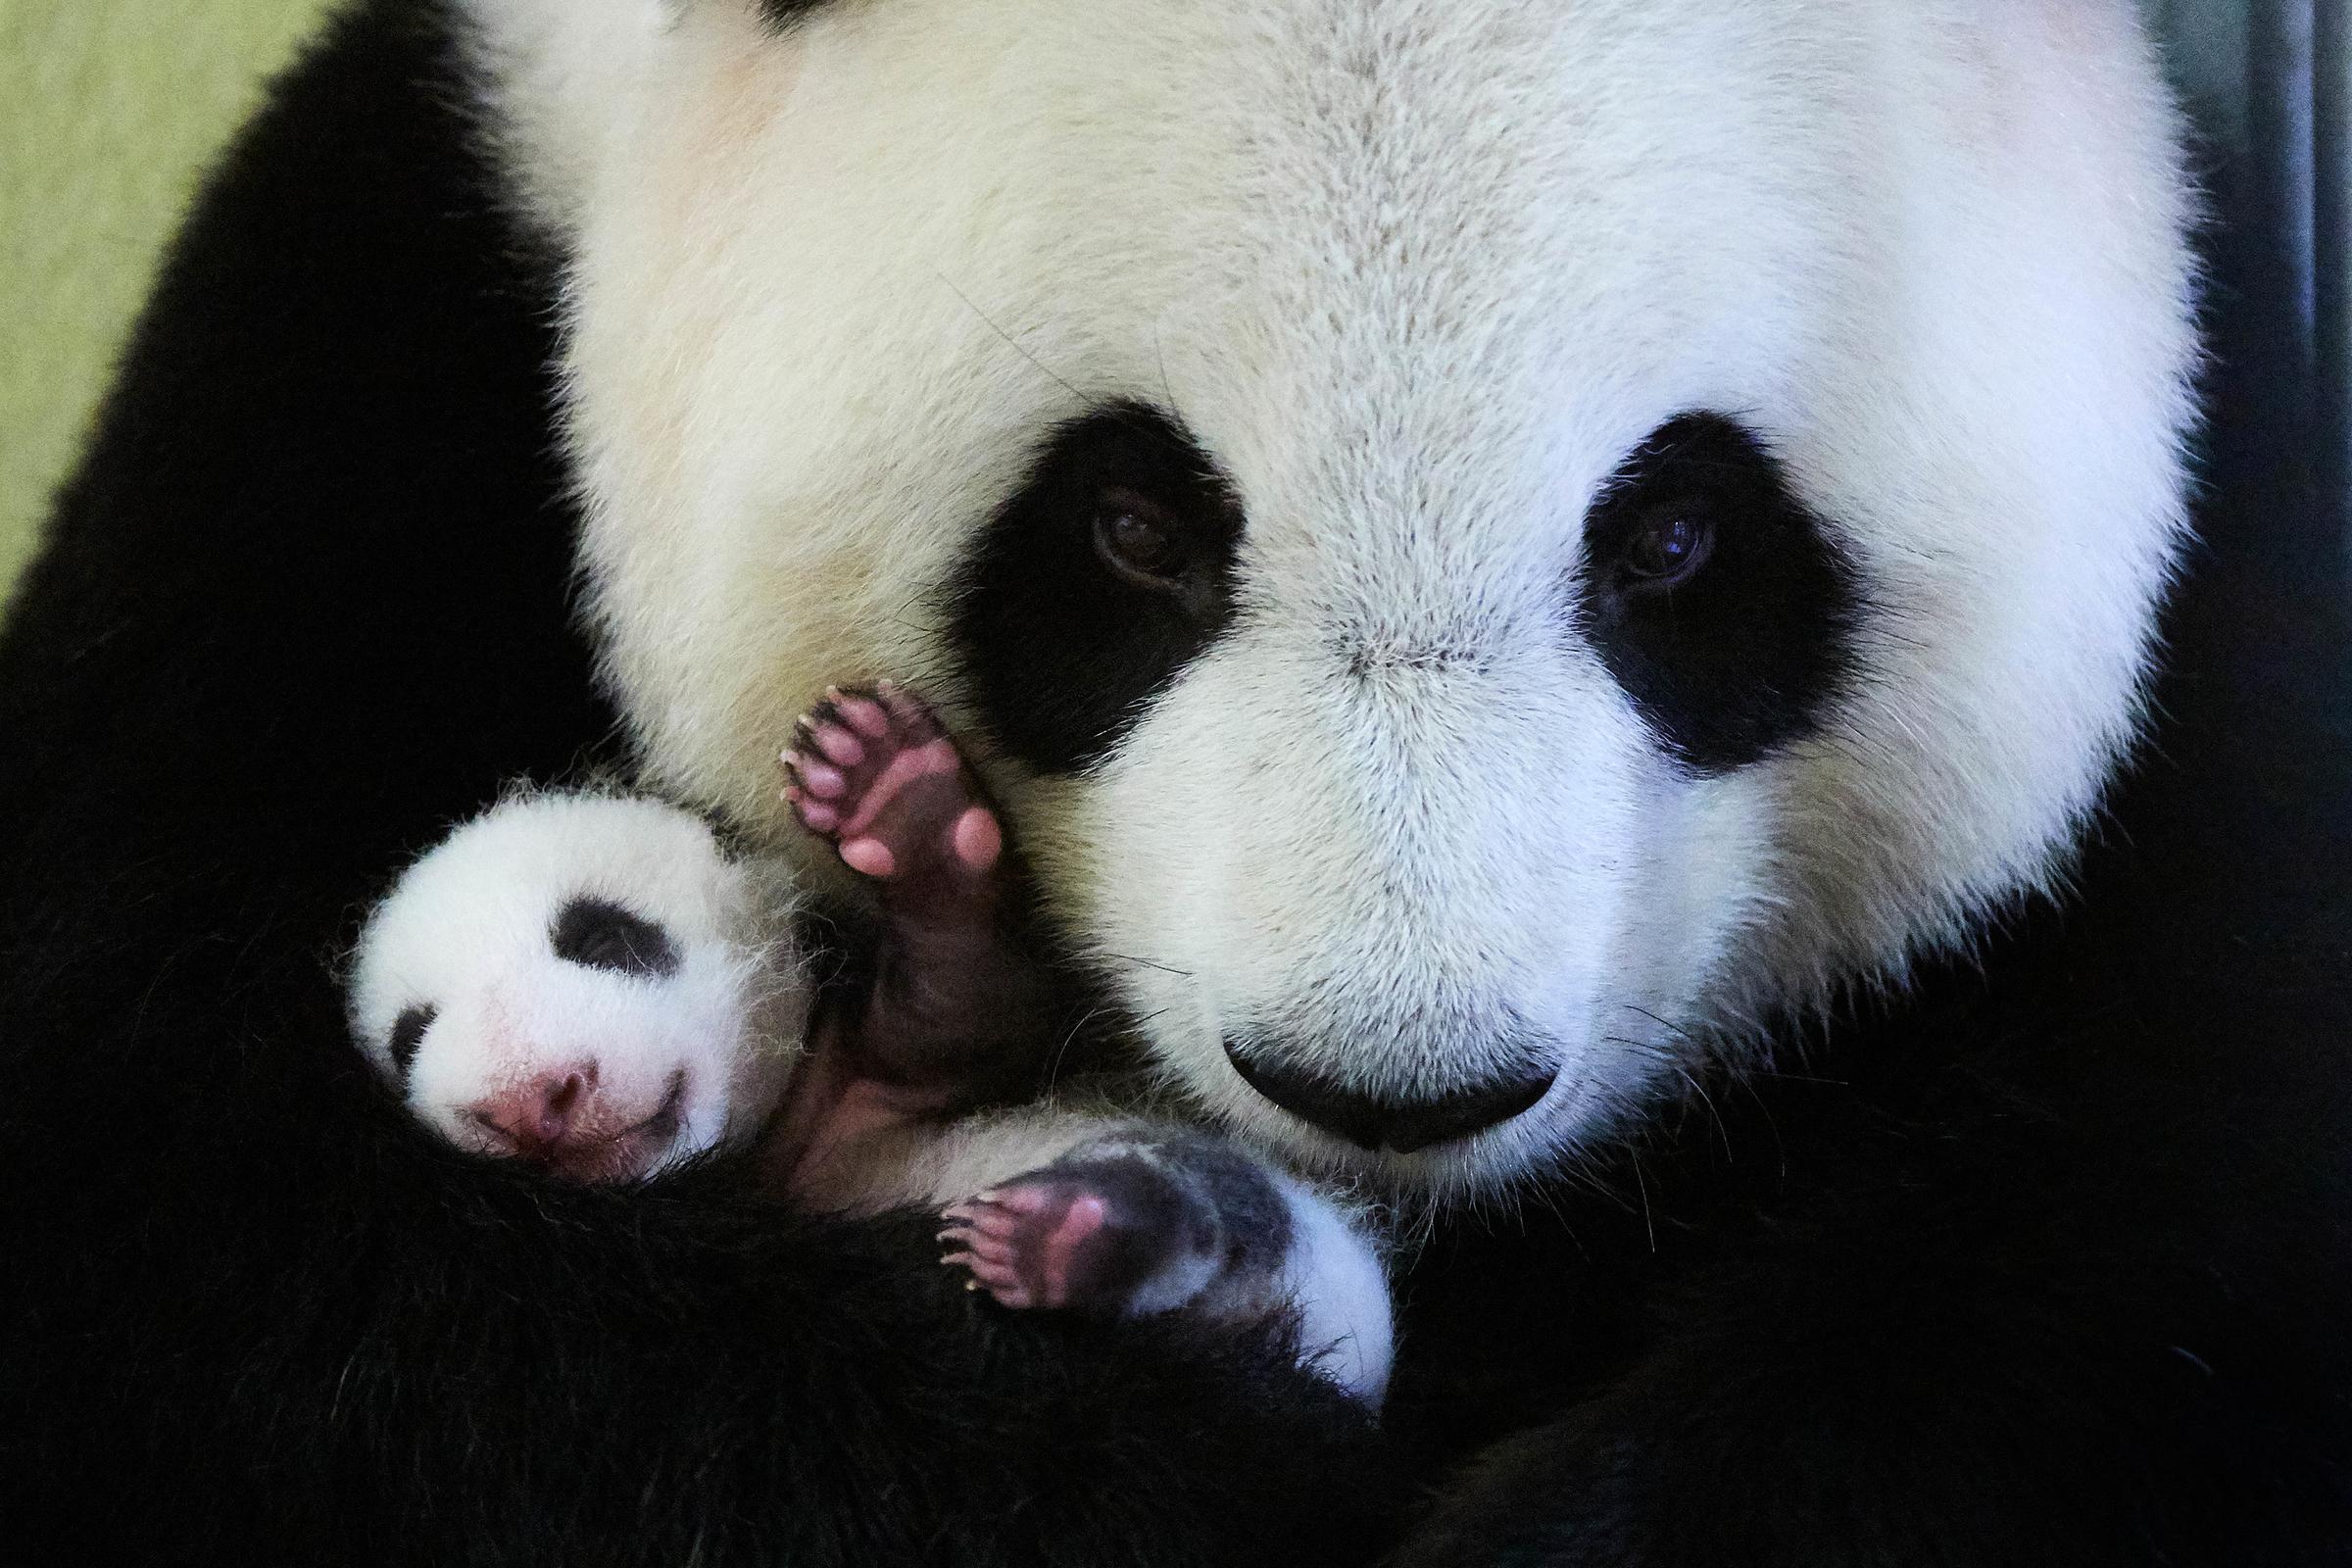 Grosser Panda, Mutter mit Jungem